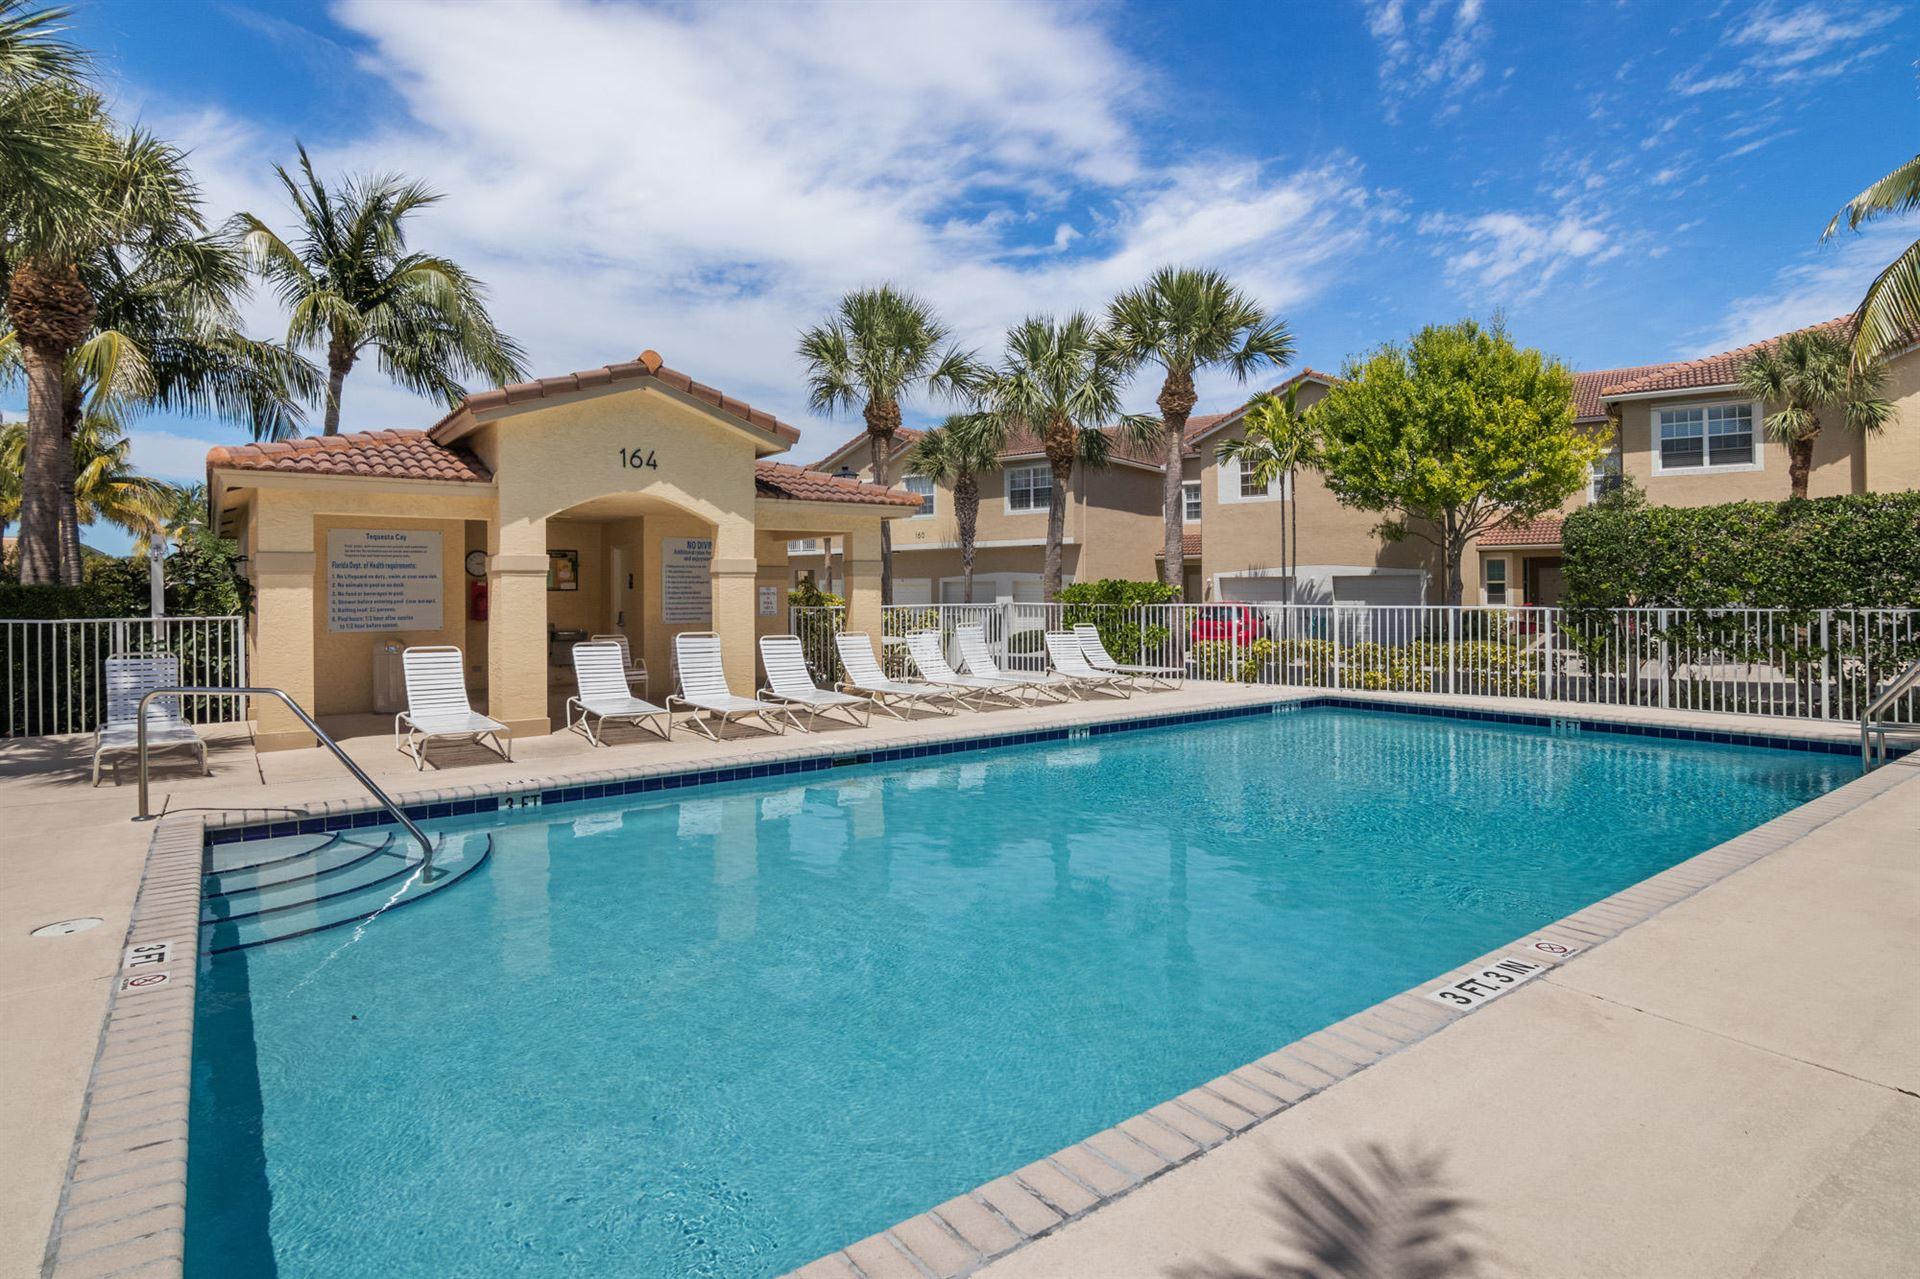 154 Village Boulevard, Tequesta, FL 33469 - #: RX-10625557